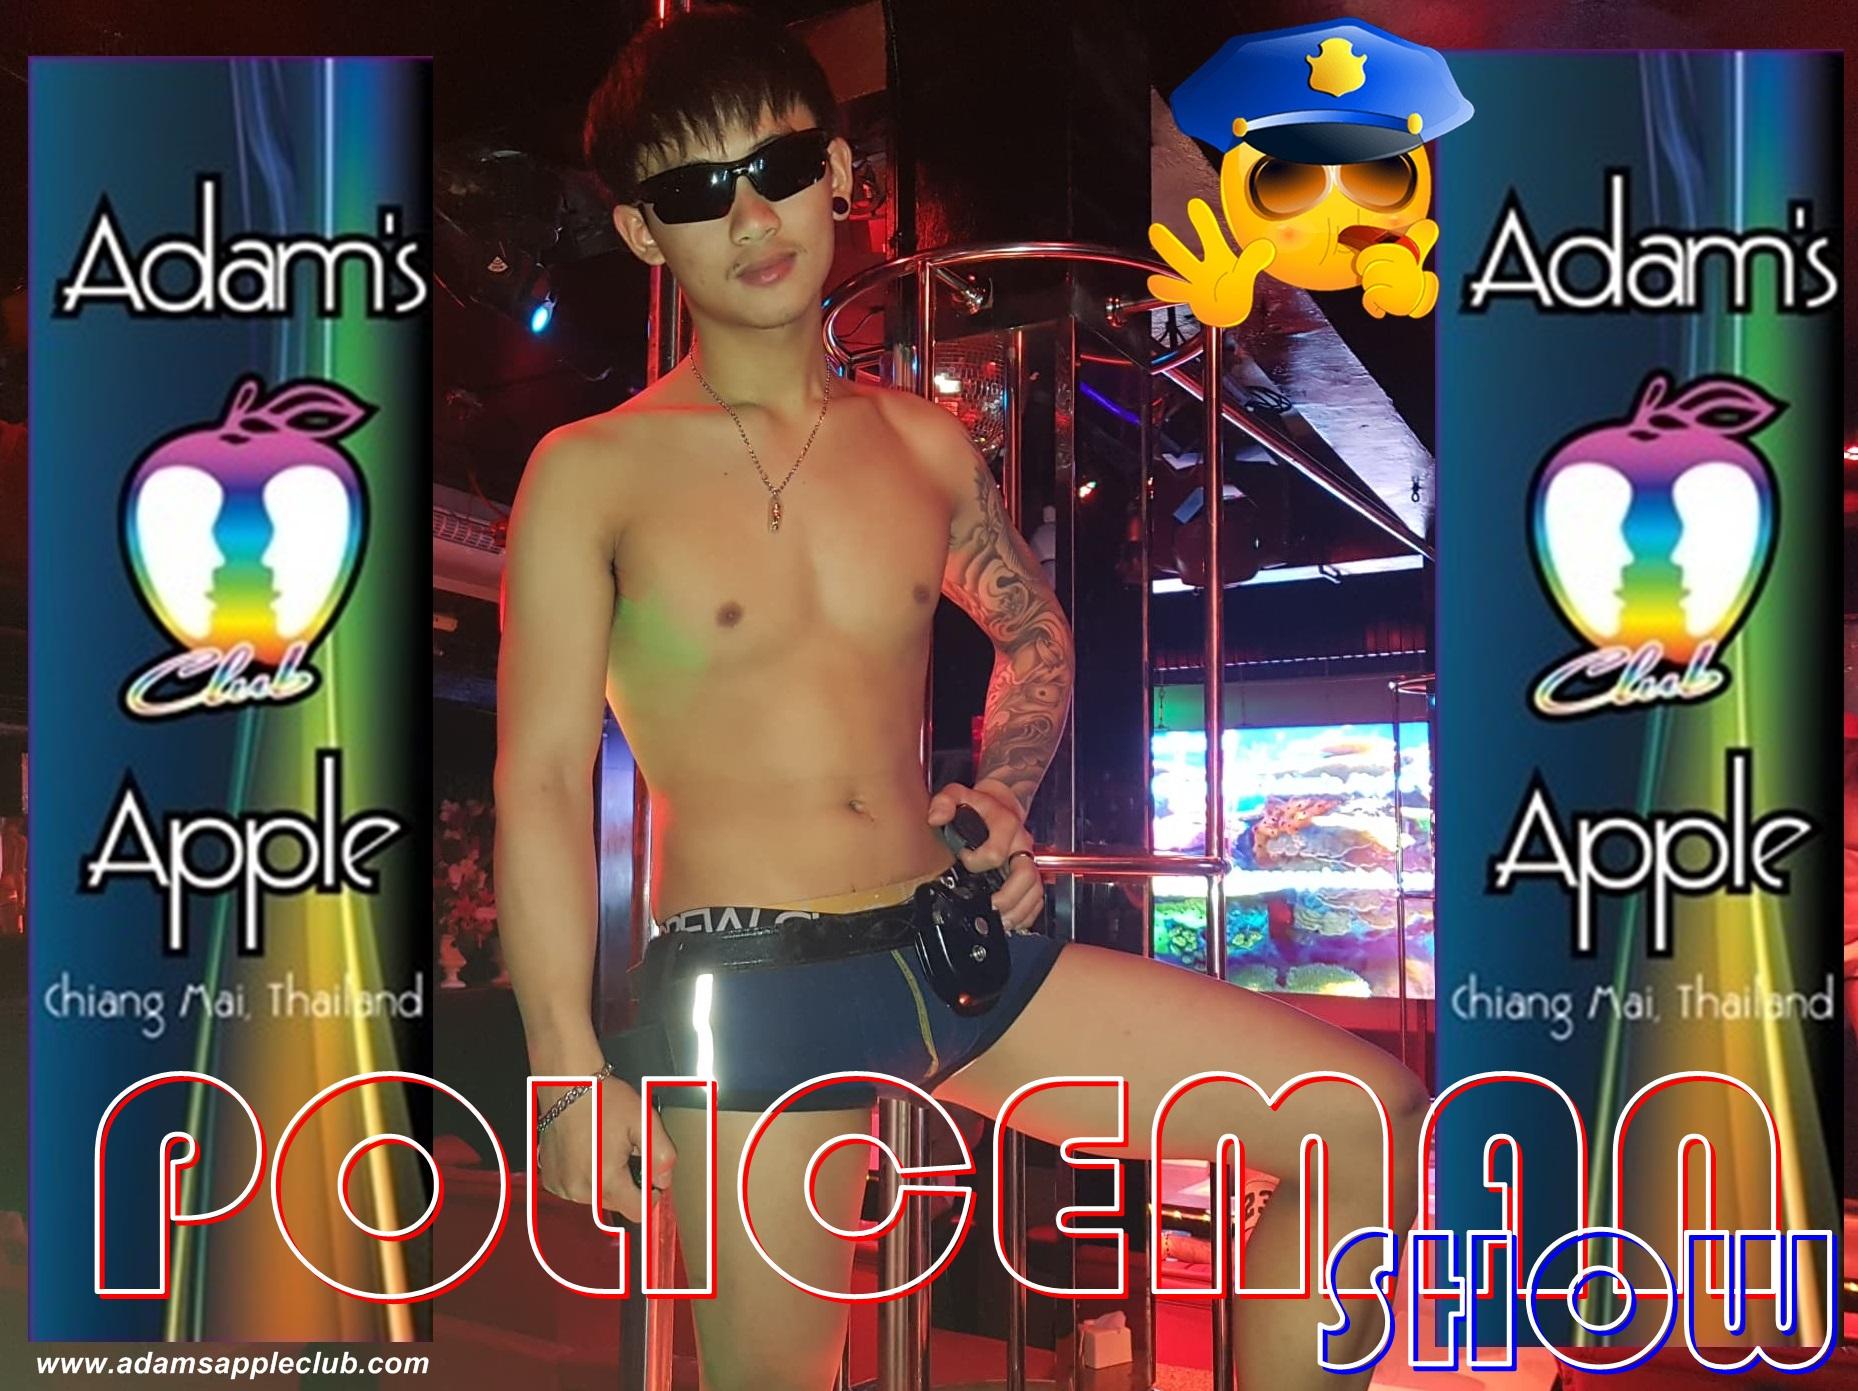 POLICEMAN Show Adams Apple Club Chiang Mai Host Bar Gay Bar Thailand